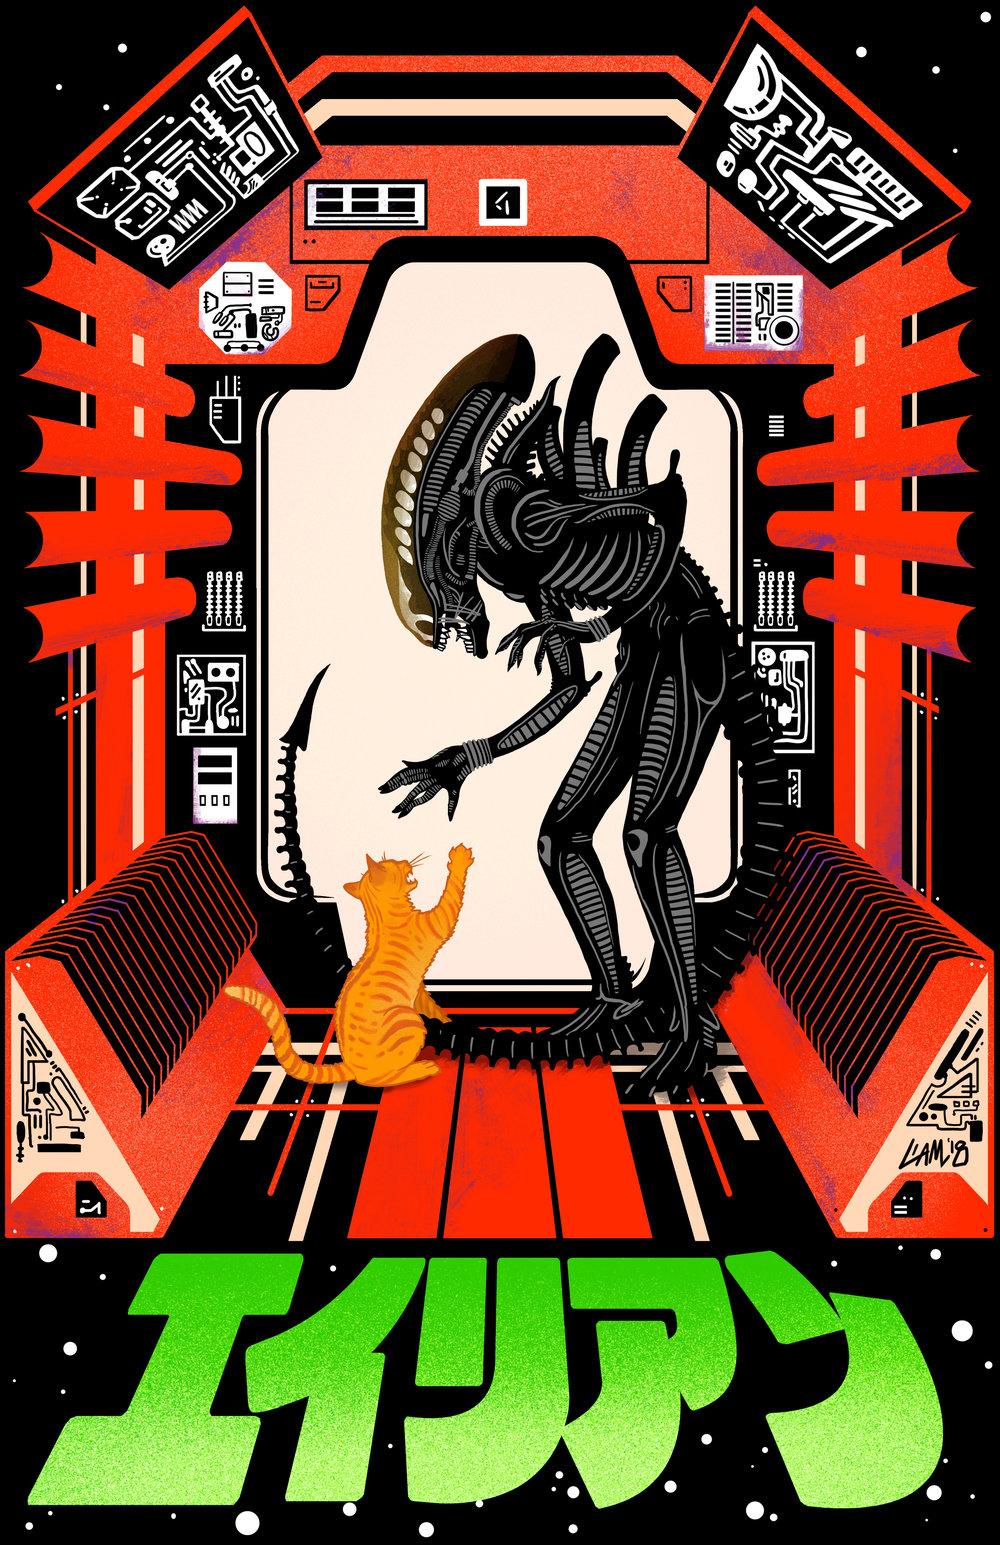 alien_02_shirtsize_v6.jpg